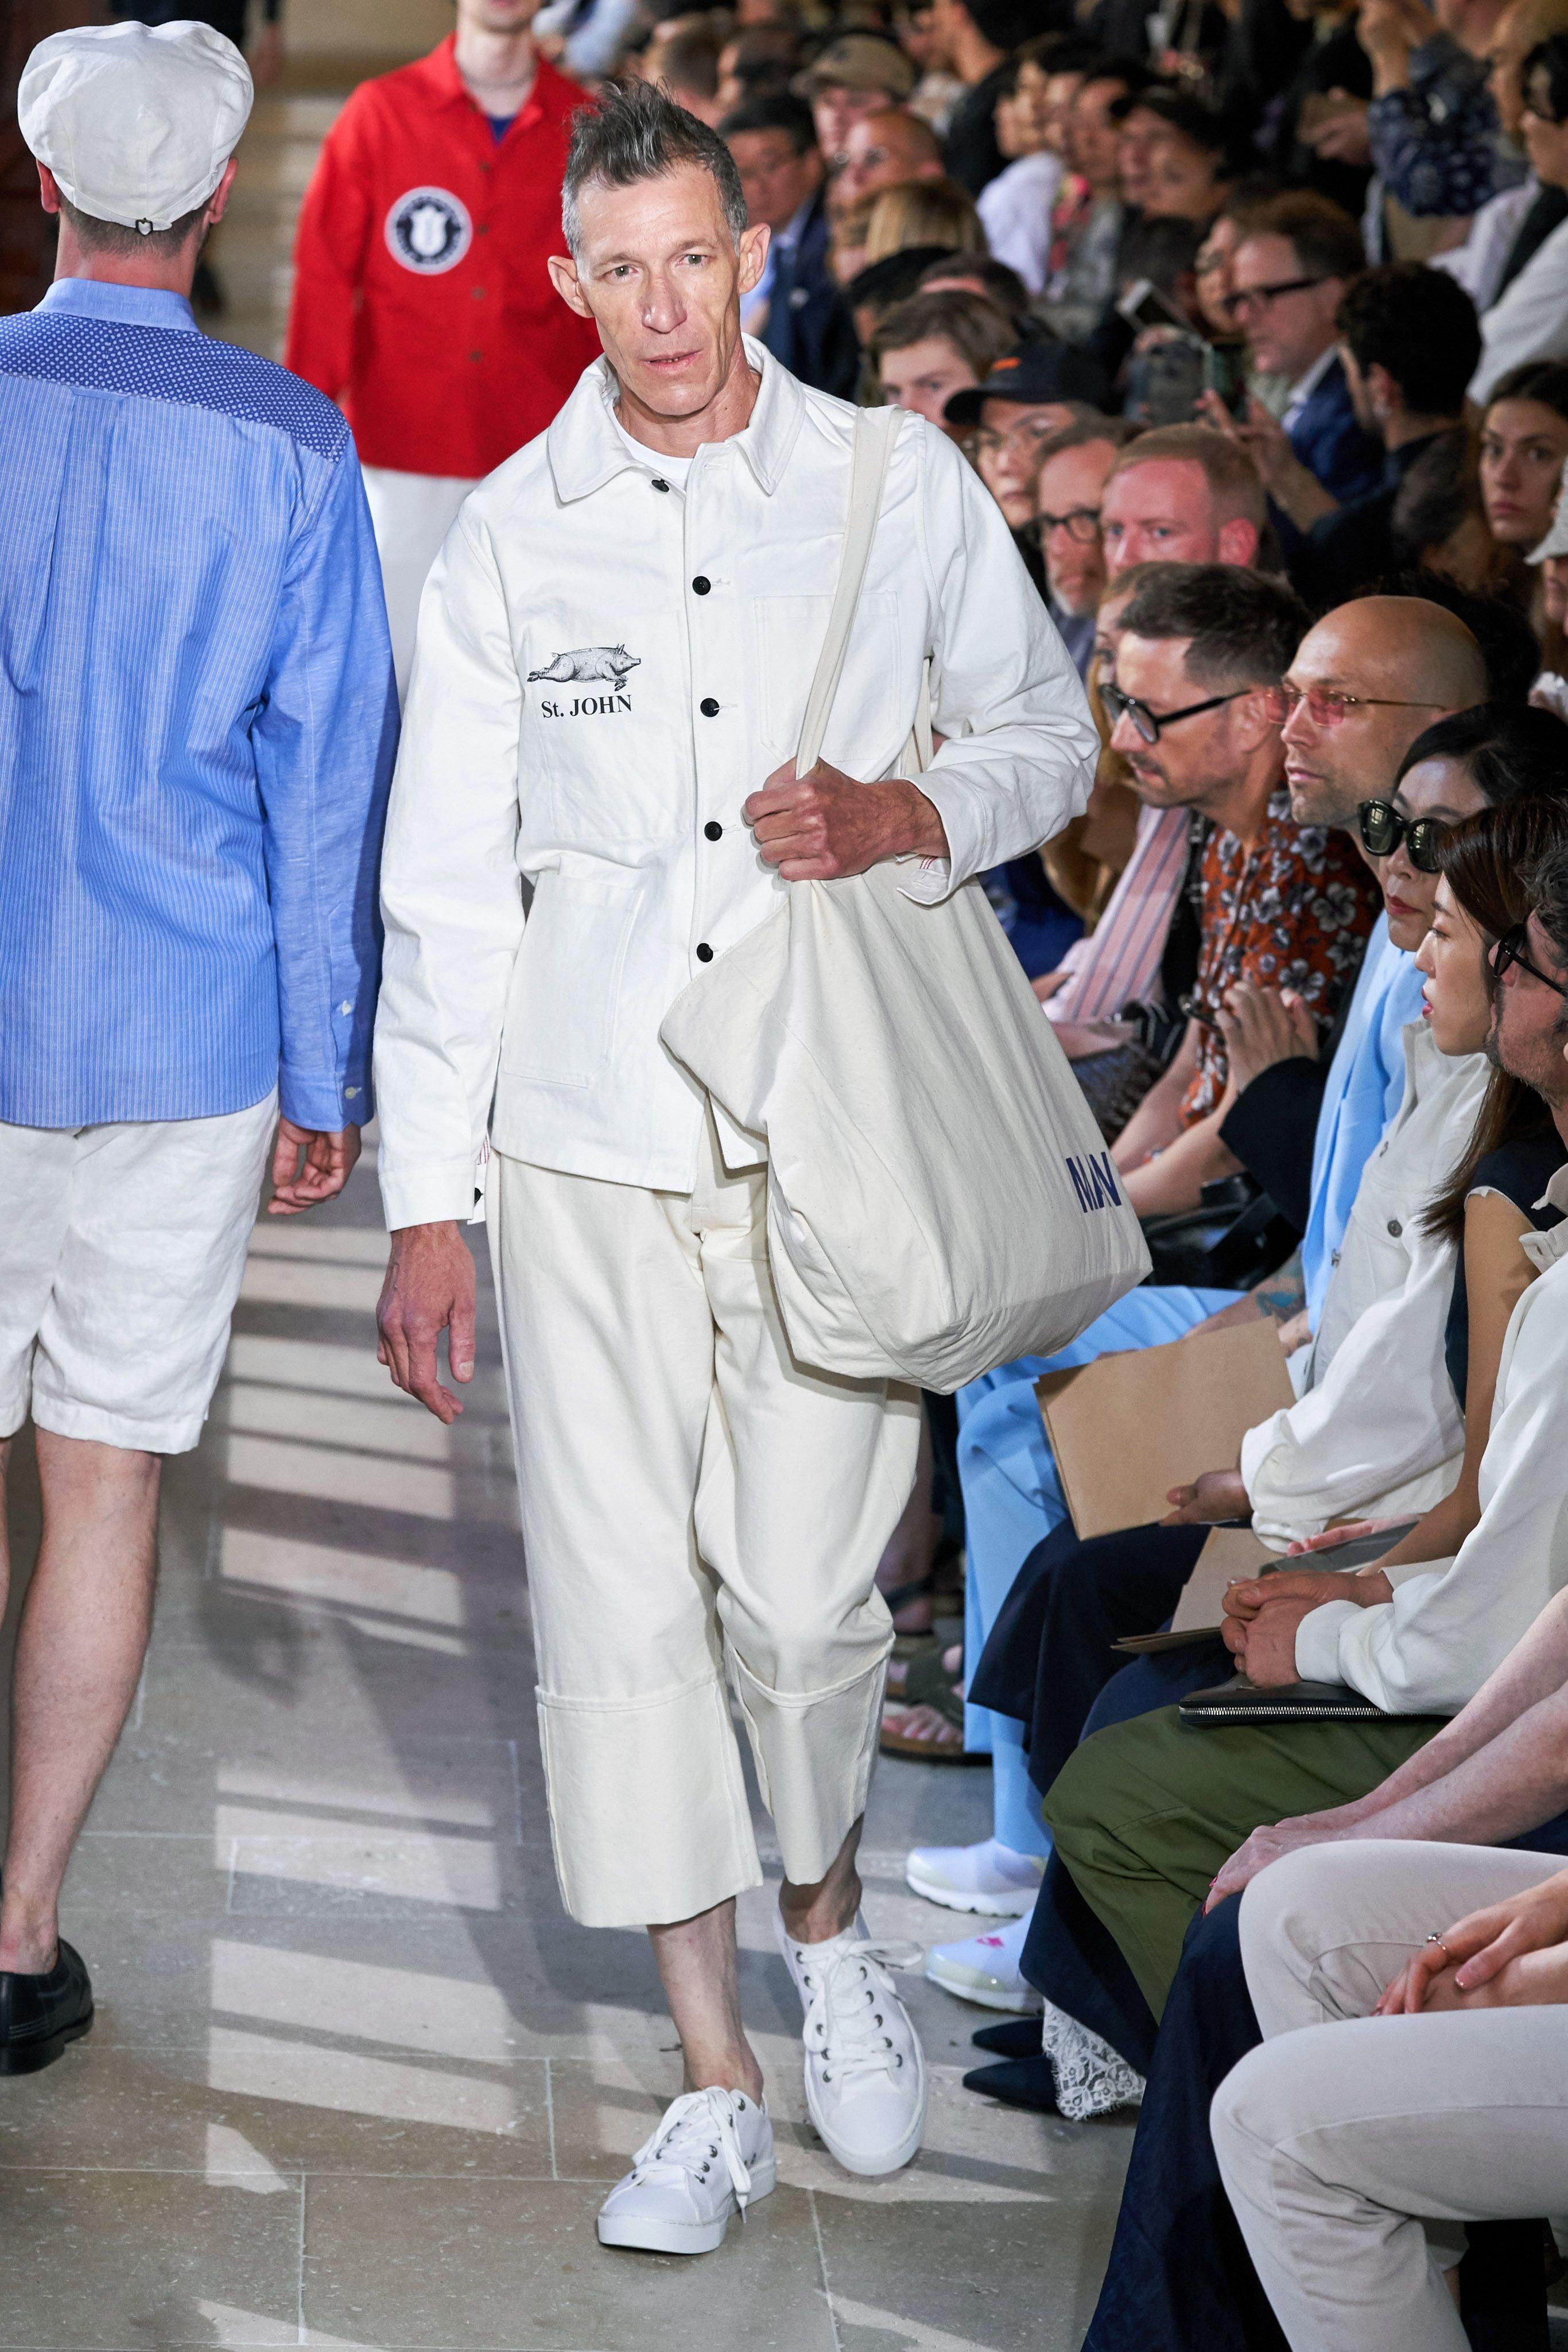 St John restaurant collaborates with Junya Watanabe at Paris Fashion Week